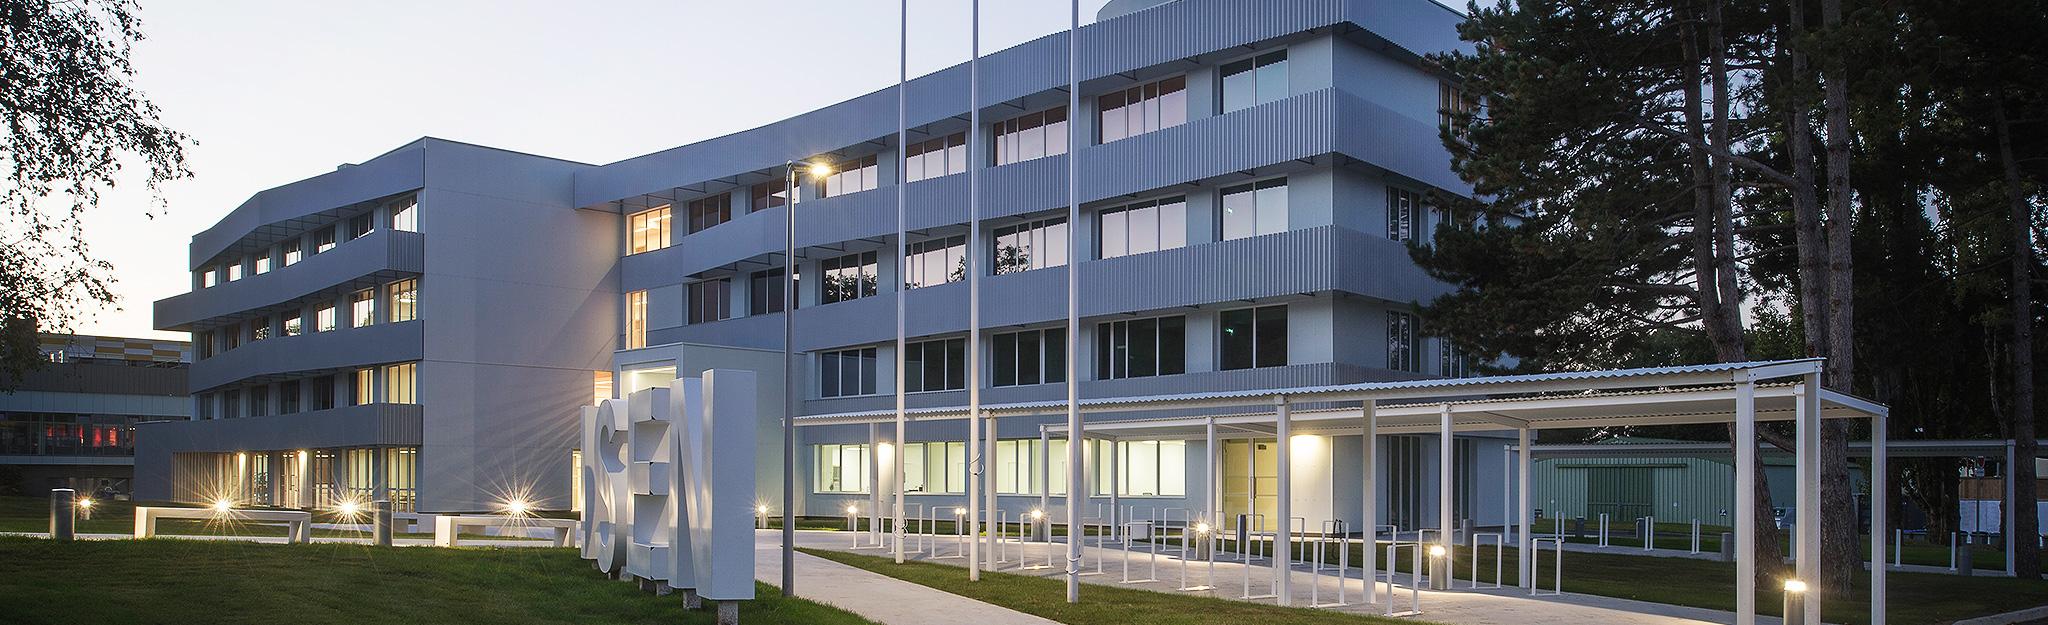 ISEN École d'ingénieurs à Nantes